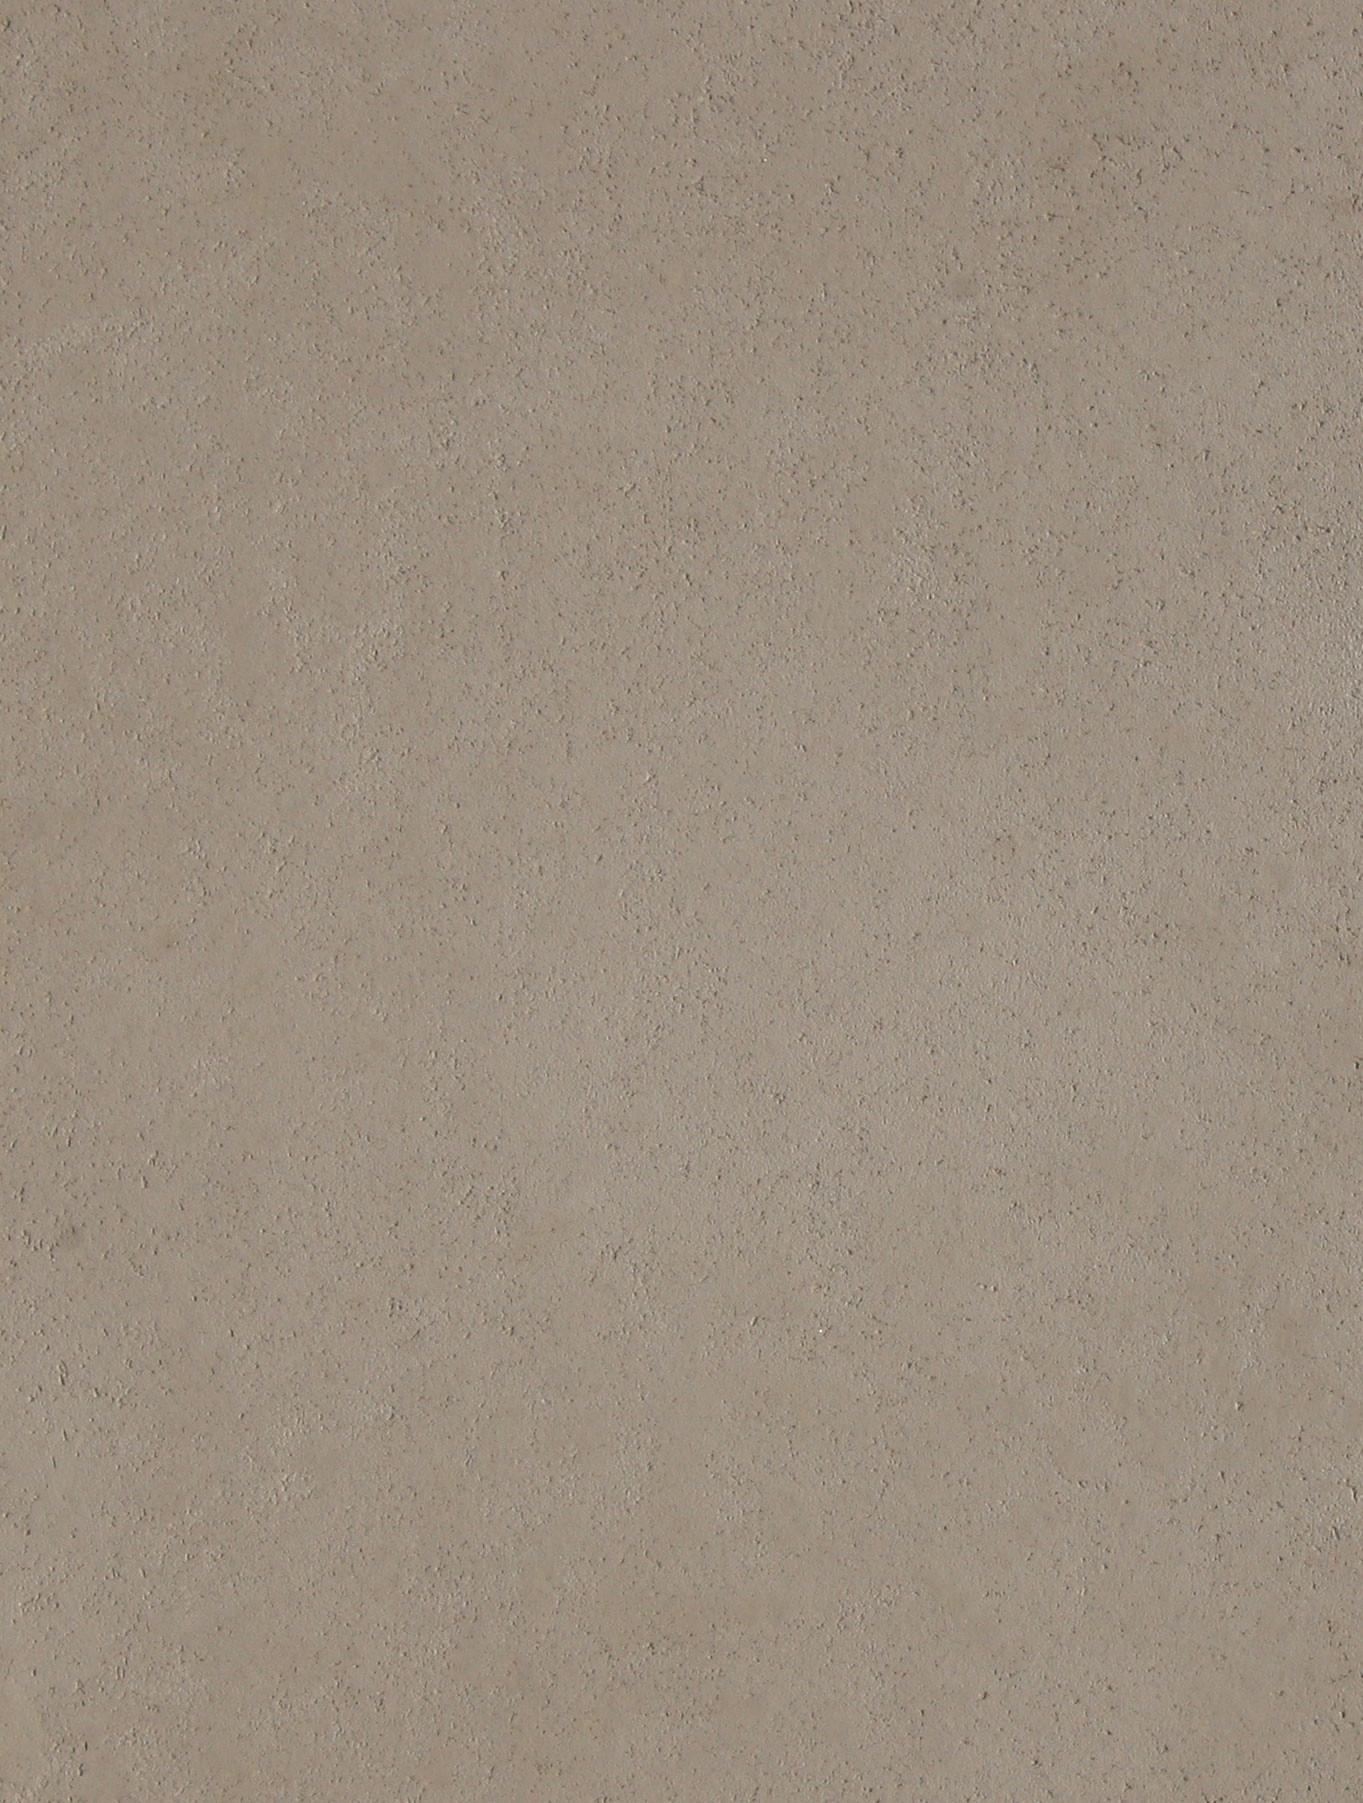 Exceptionnel Peinture Sur Enduit Chaux #1: La-maison-de-l-ecologie-Dolci-peinture-renovation-enduit-naturel-chaux-Enduit-à-la-chaux-grains-super-fin-0,5mm-Dolci-DOL3001-32.jpg